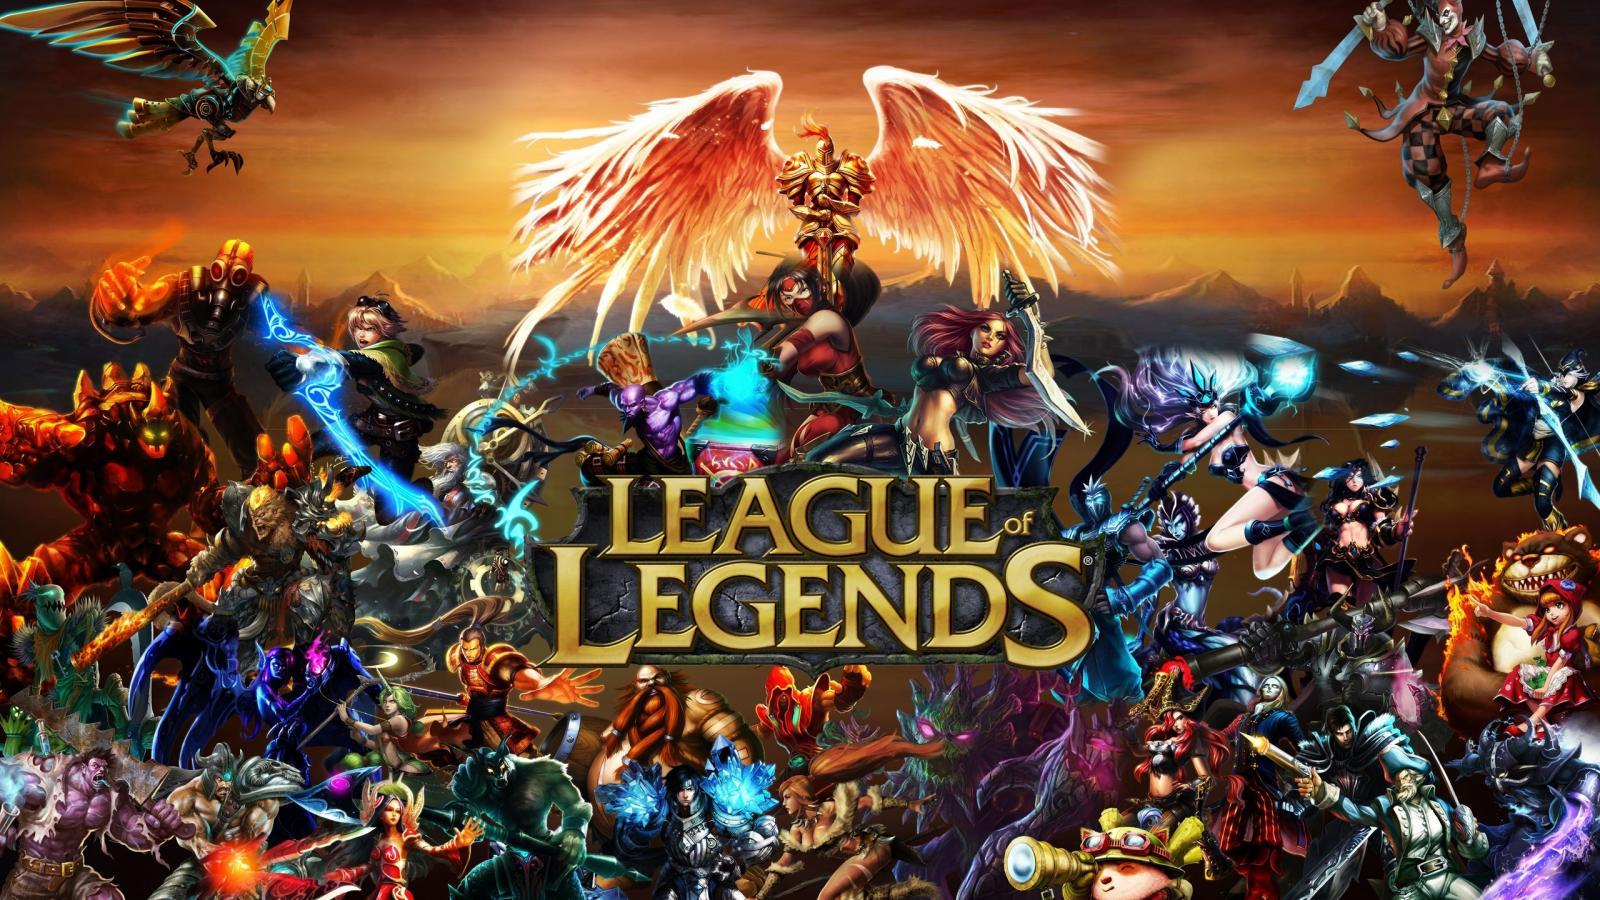 Guida: Come iniziare League of Legends gioco online, Recensione e consigli